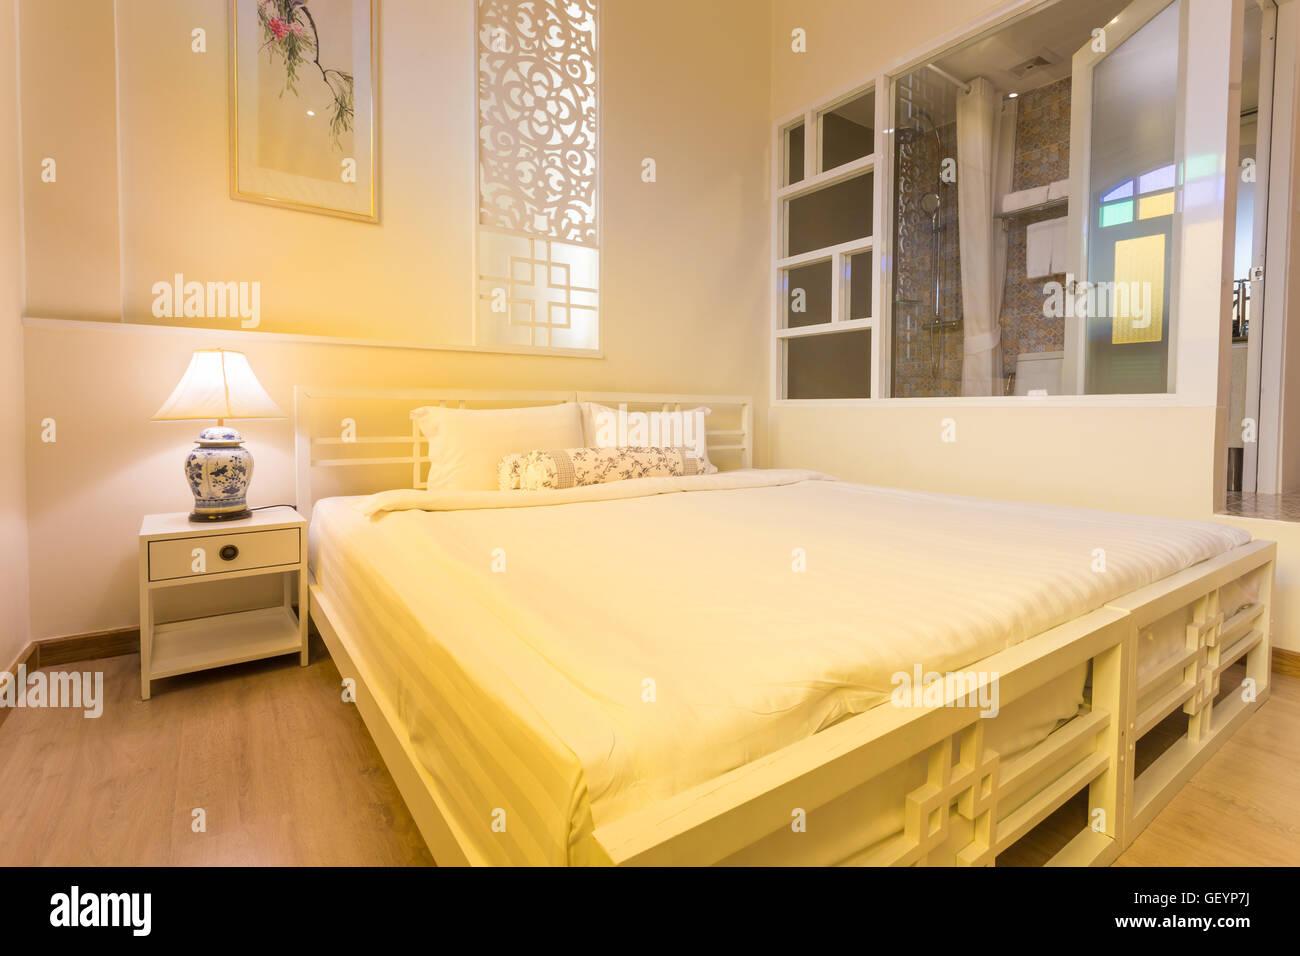 Abstrakte Schlafzimmer In Hellen, Warmen Farben. Großes Bequemes Doppelbett  Im Eleganten Klassischen Schlafzimmer